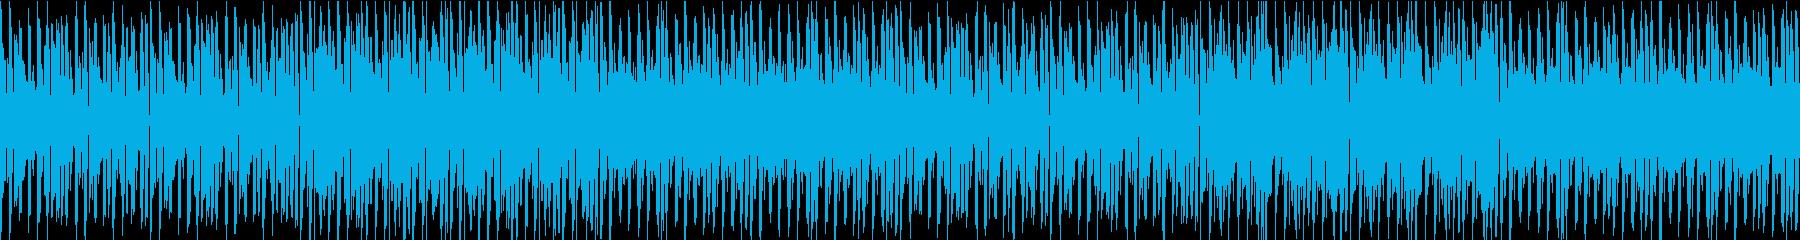 硬質でシンプルの再生済みの波形